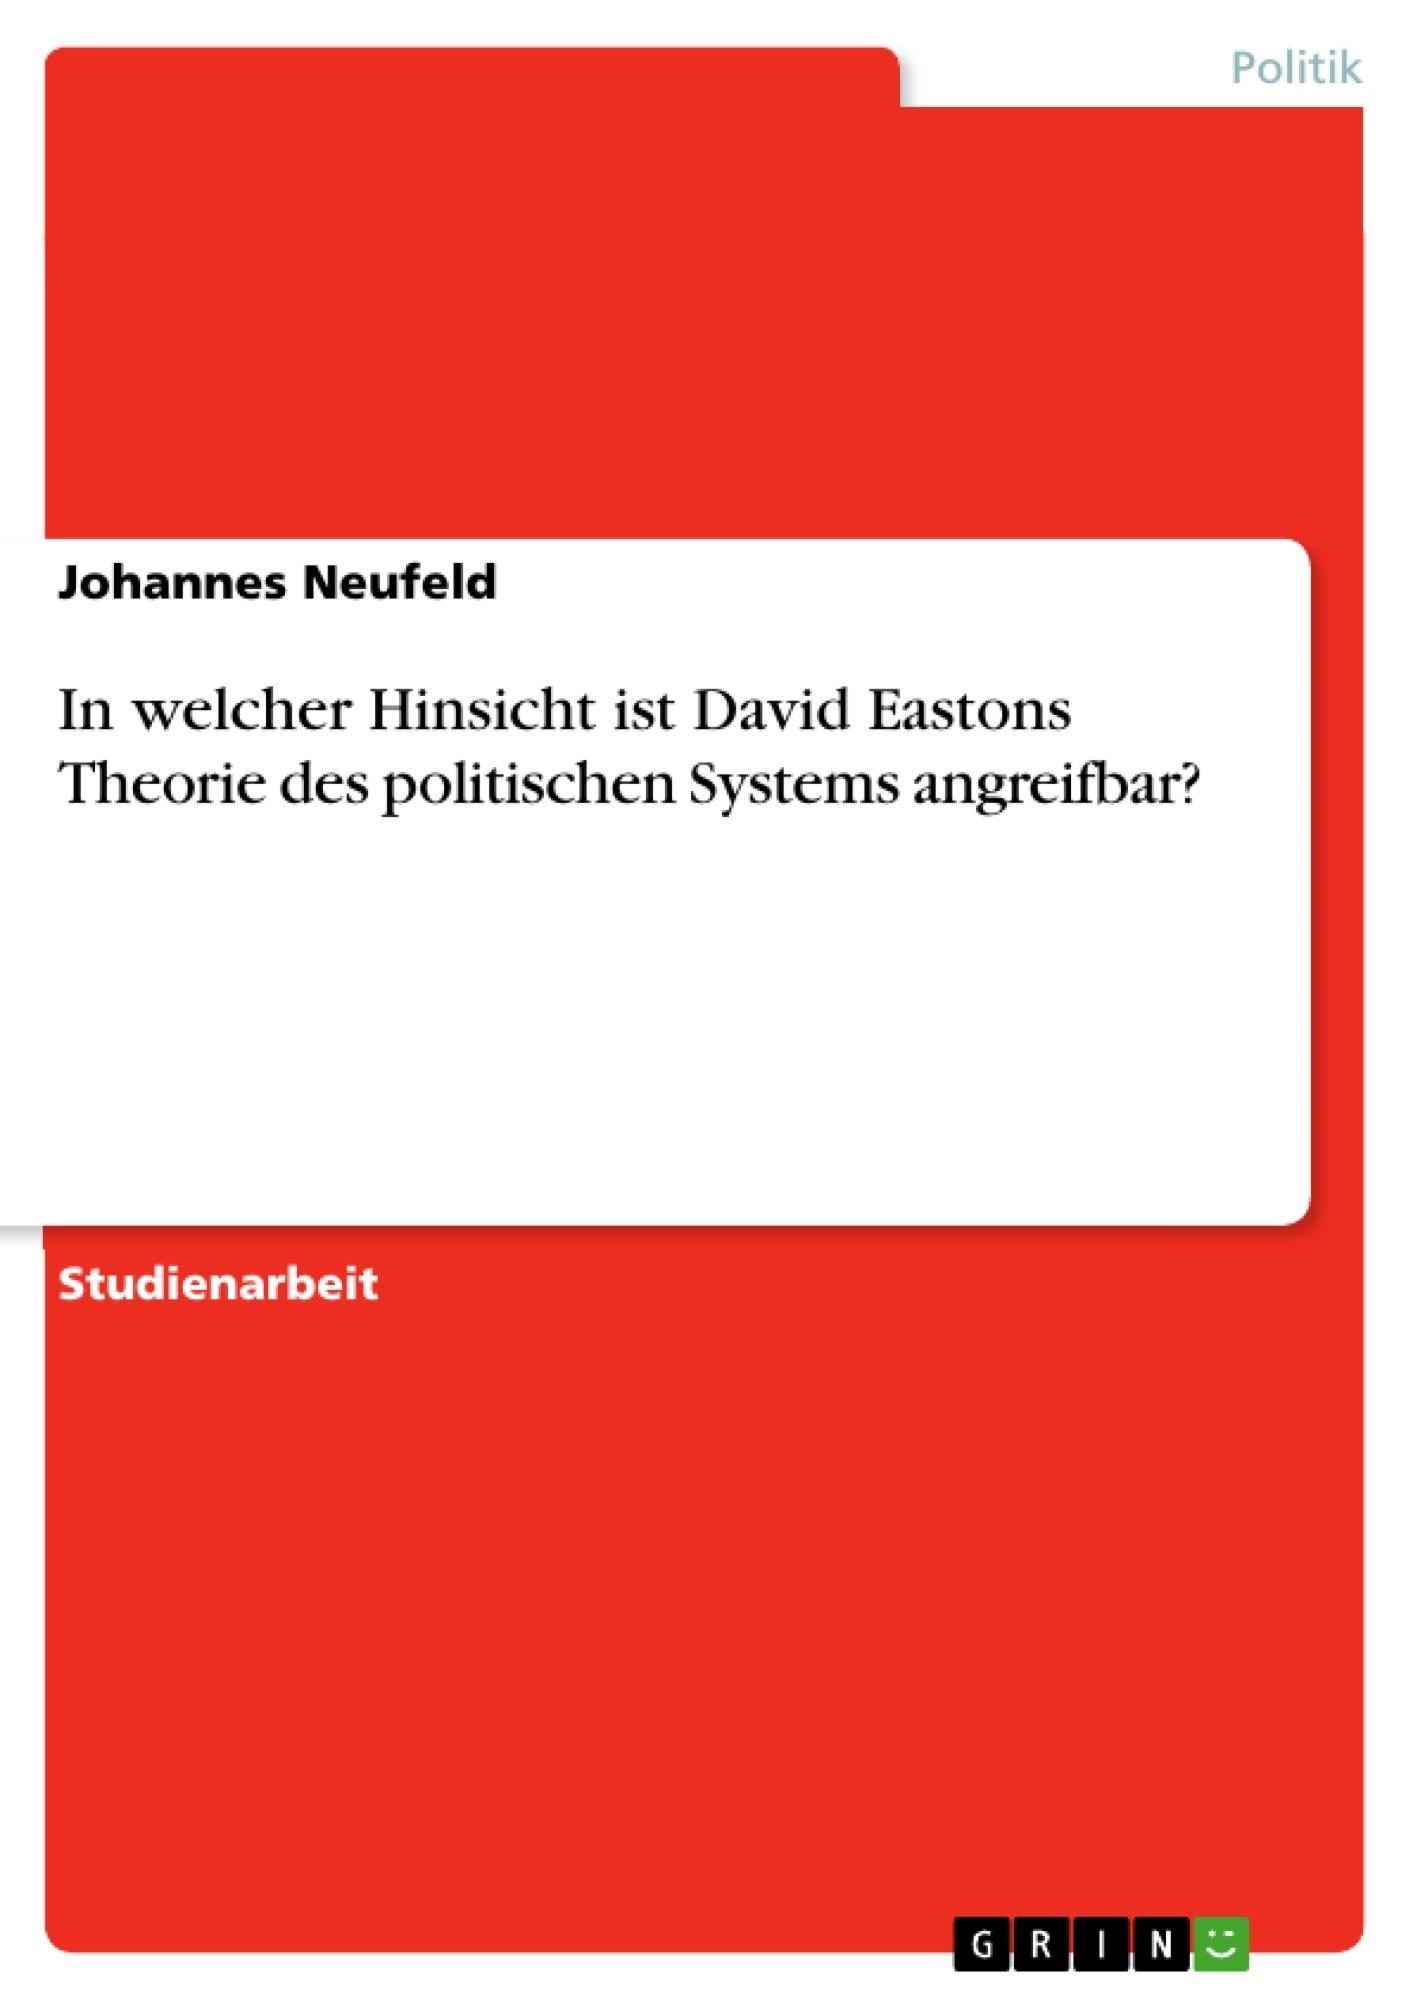 Titel: In welcher Hinsicht ist David Eastons Theorie des politischen Systems angreifbar?